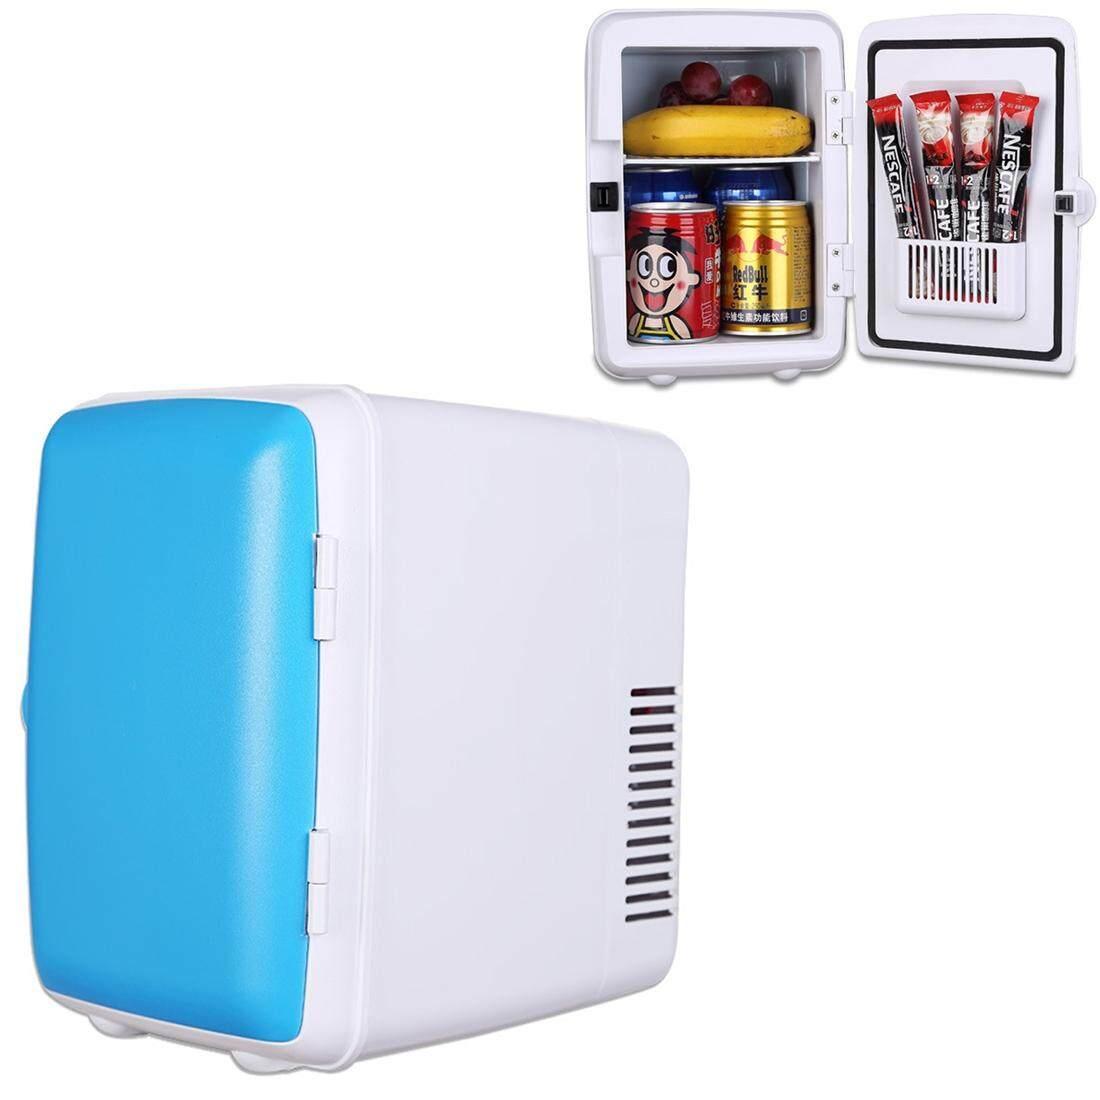 Vehicle Otomatis Portabel Mini Cooler dan Lebih Hangat 4L Kulkas untuk Mobil dan Rumah, Tegangan: DC 12 V/AC 220 V (Biru)-Internasional